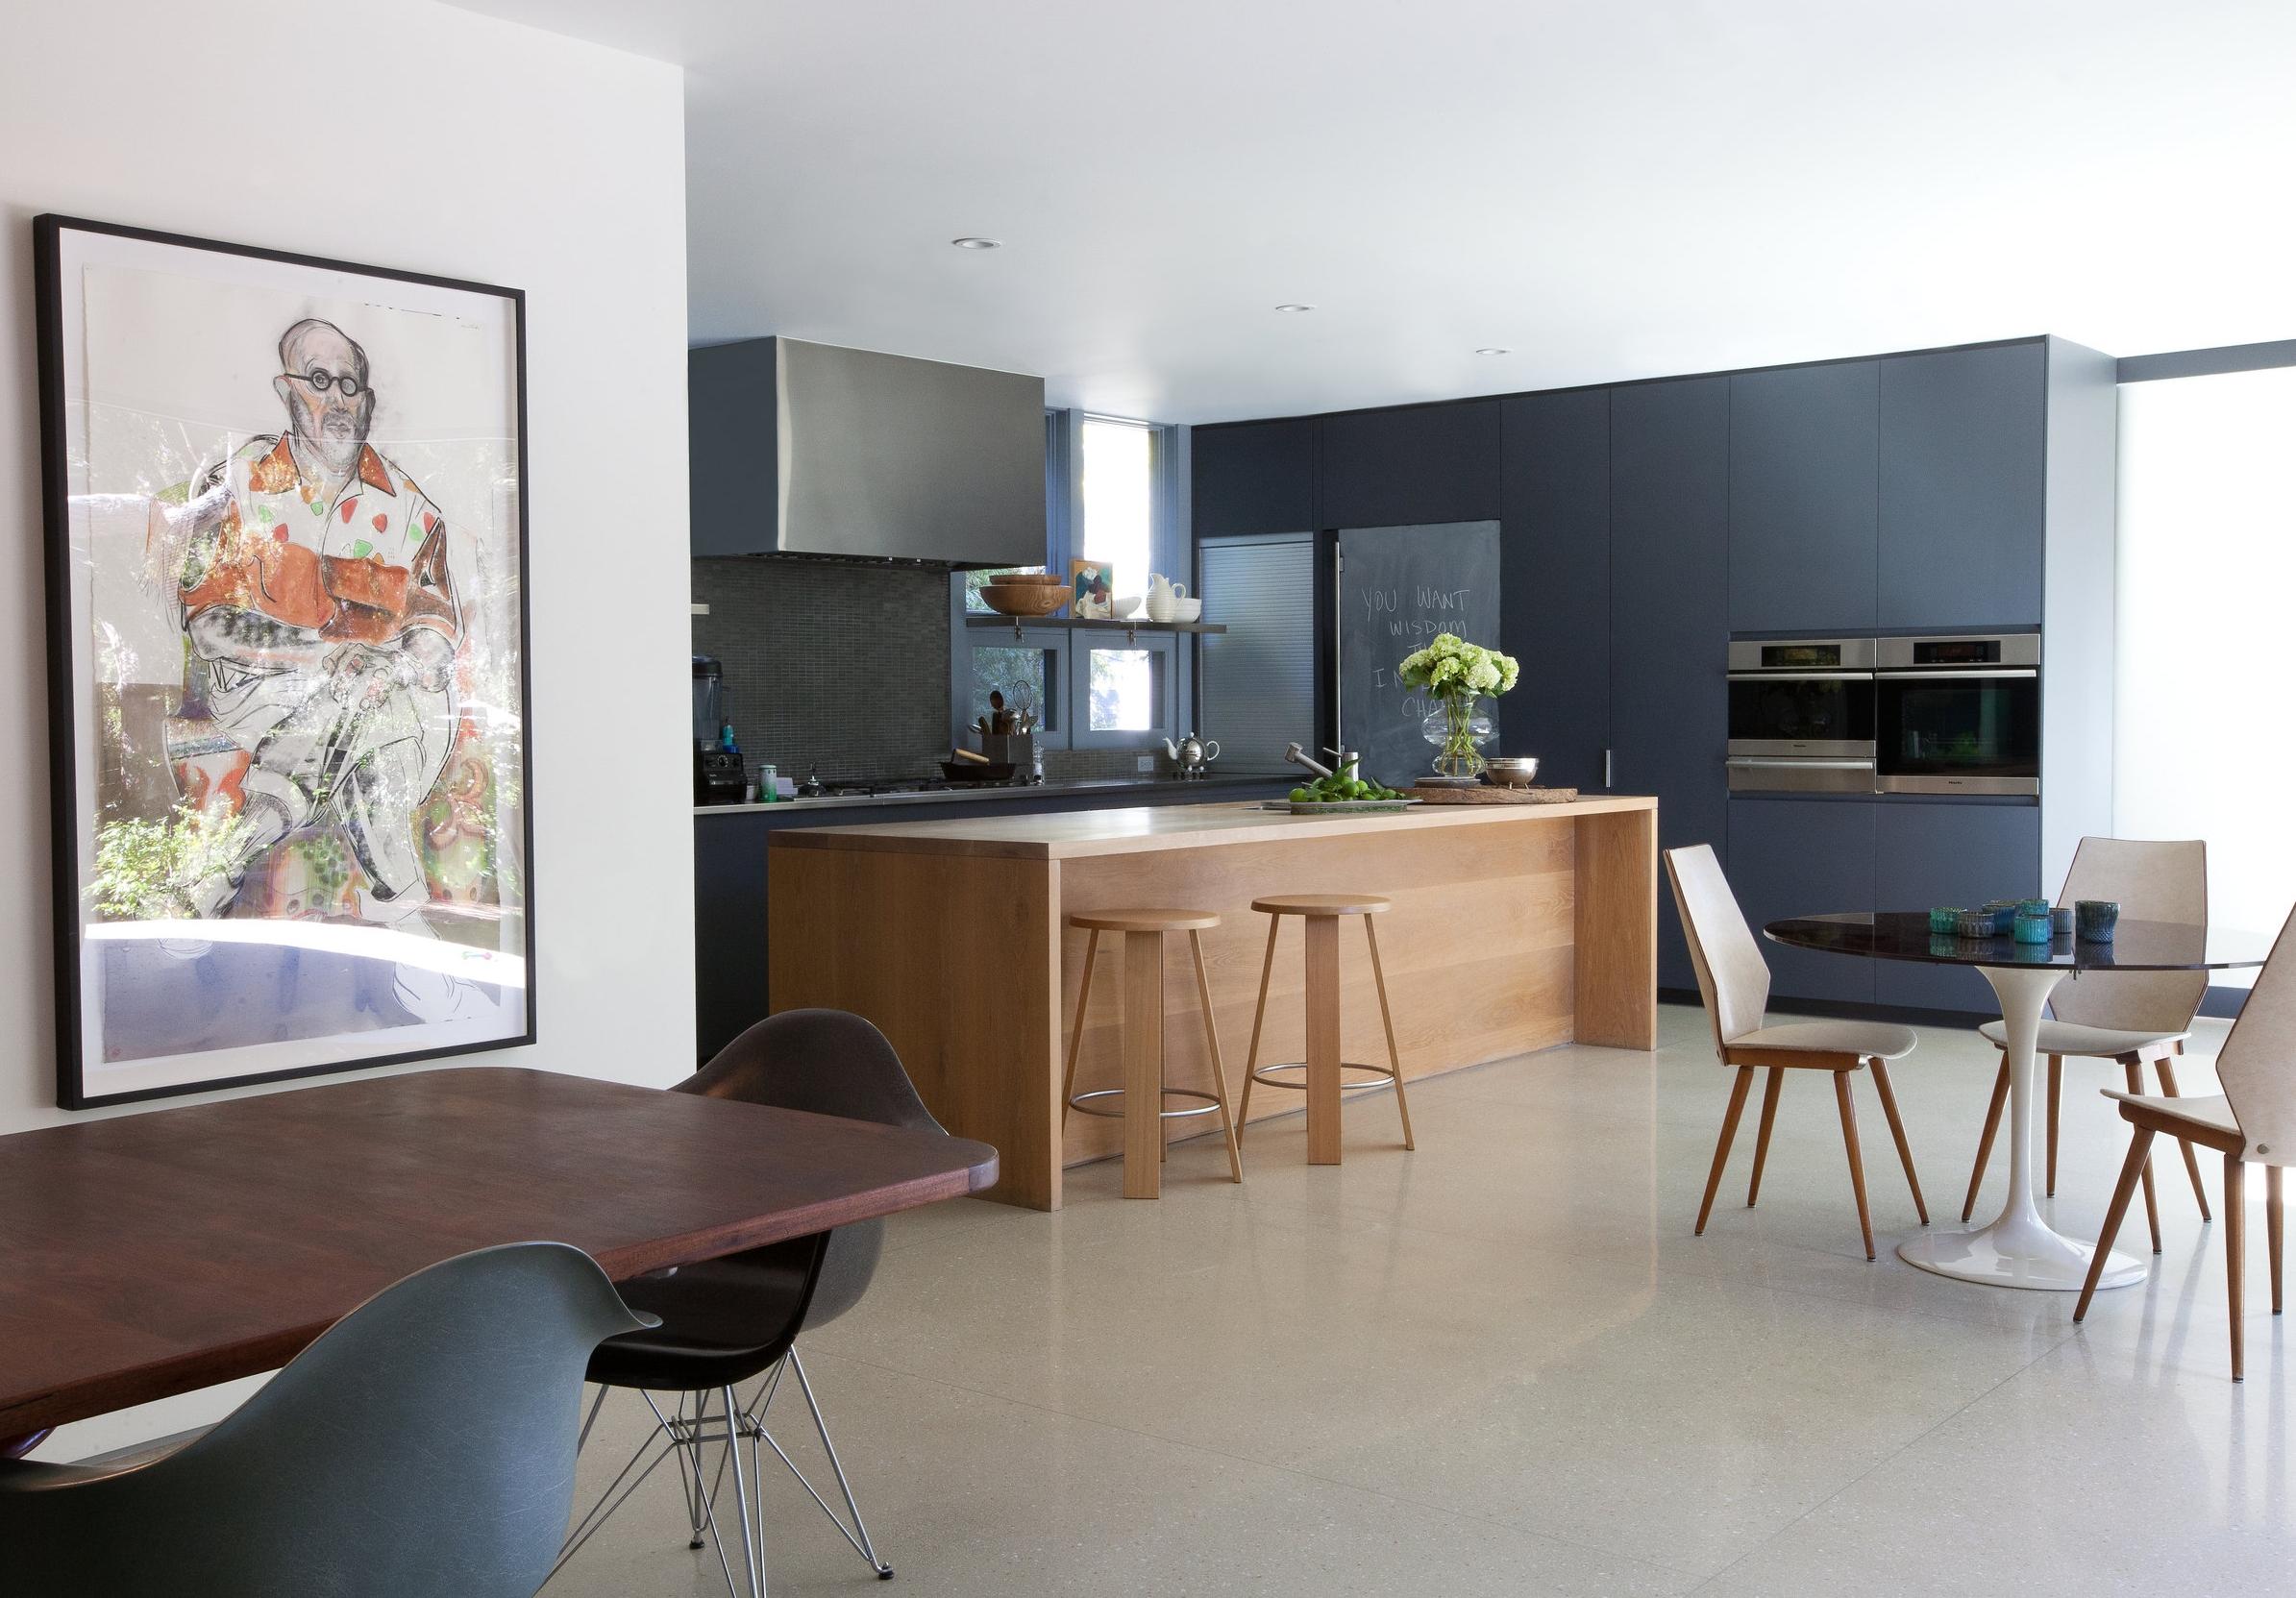 Brentwood_kitchen_wide.jpg